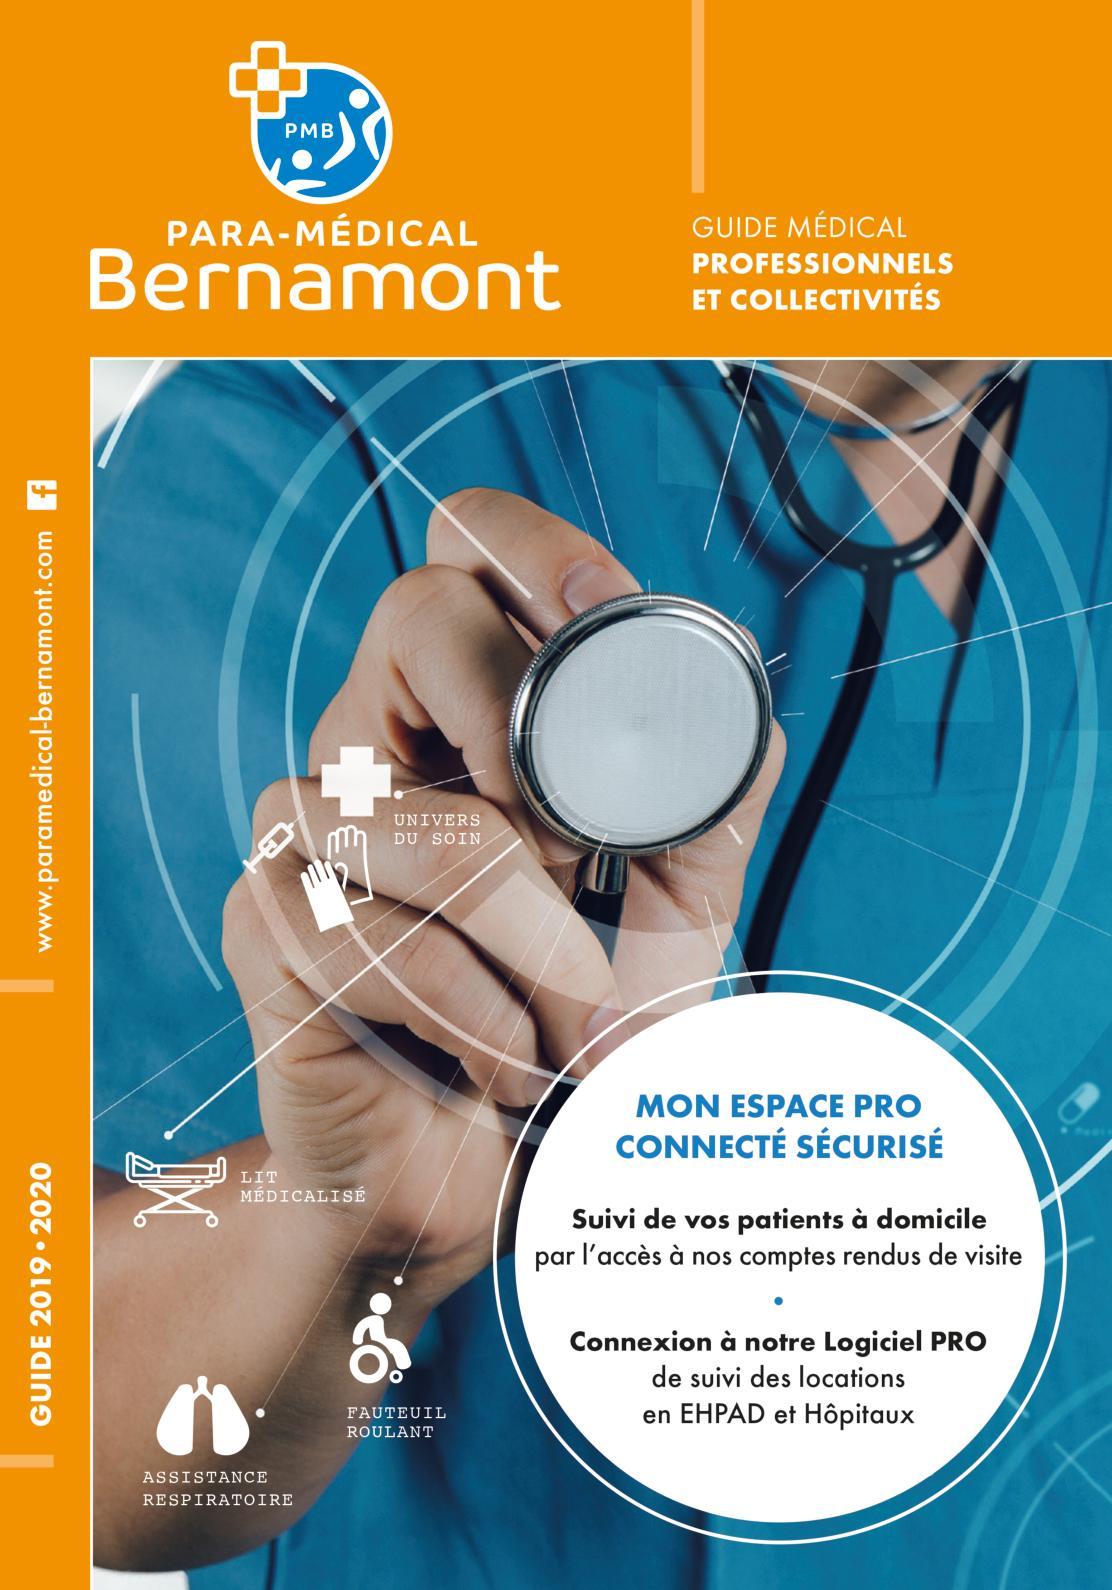 538788732b Calaméo - Paramedical Bernamont Catalogue Pro 2019